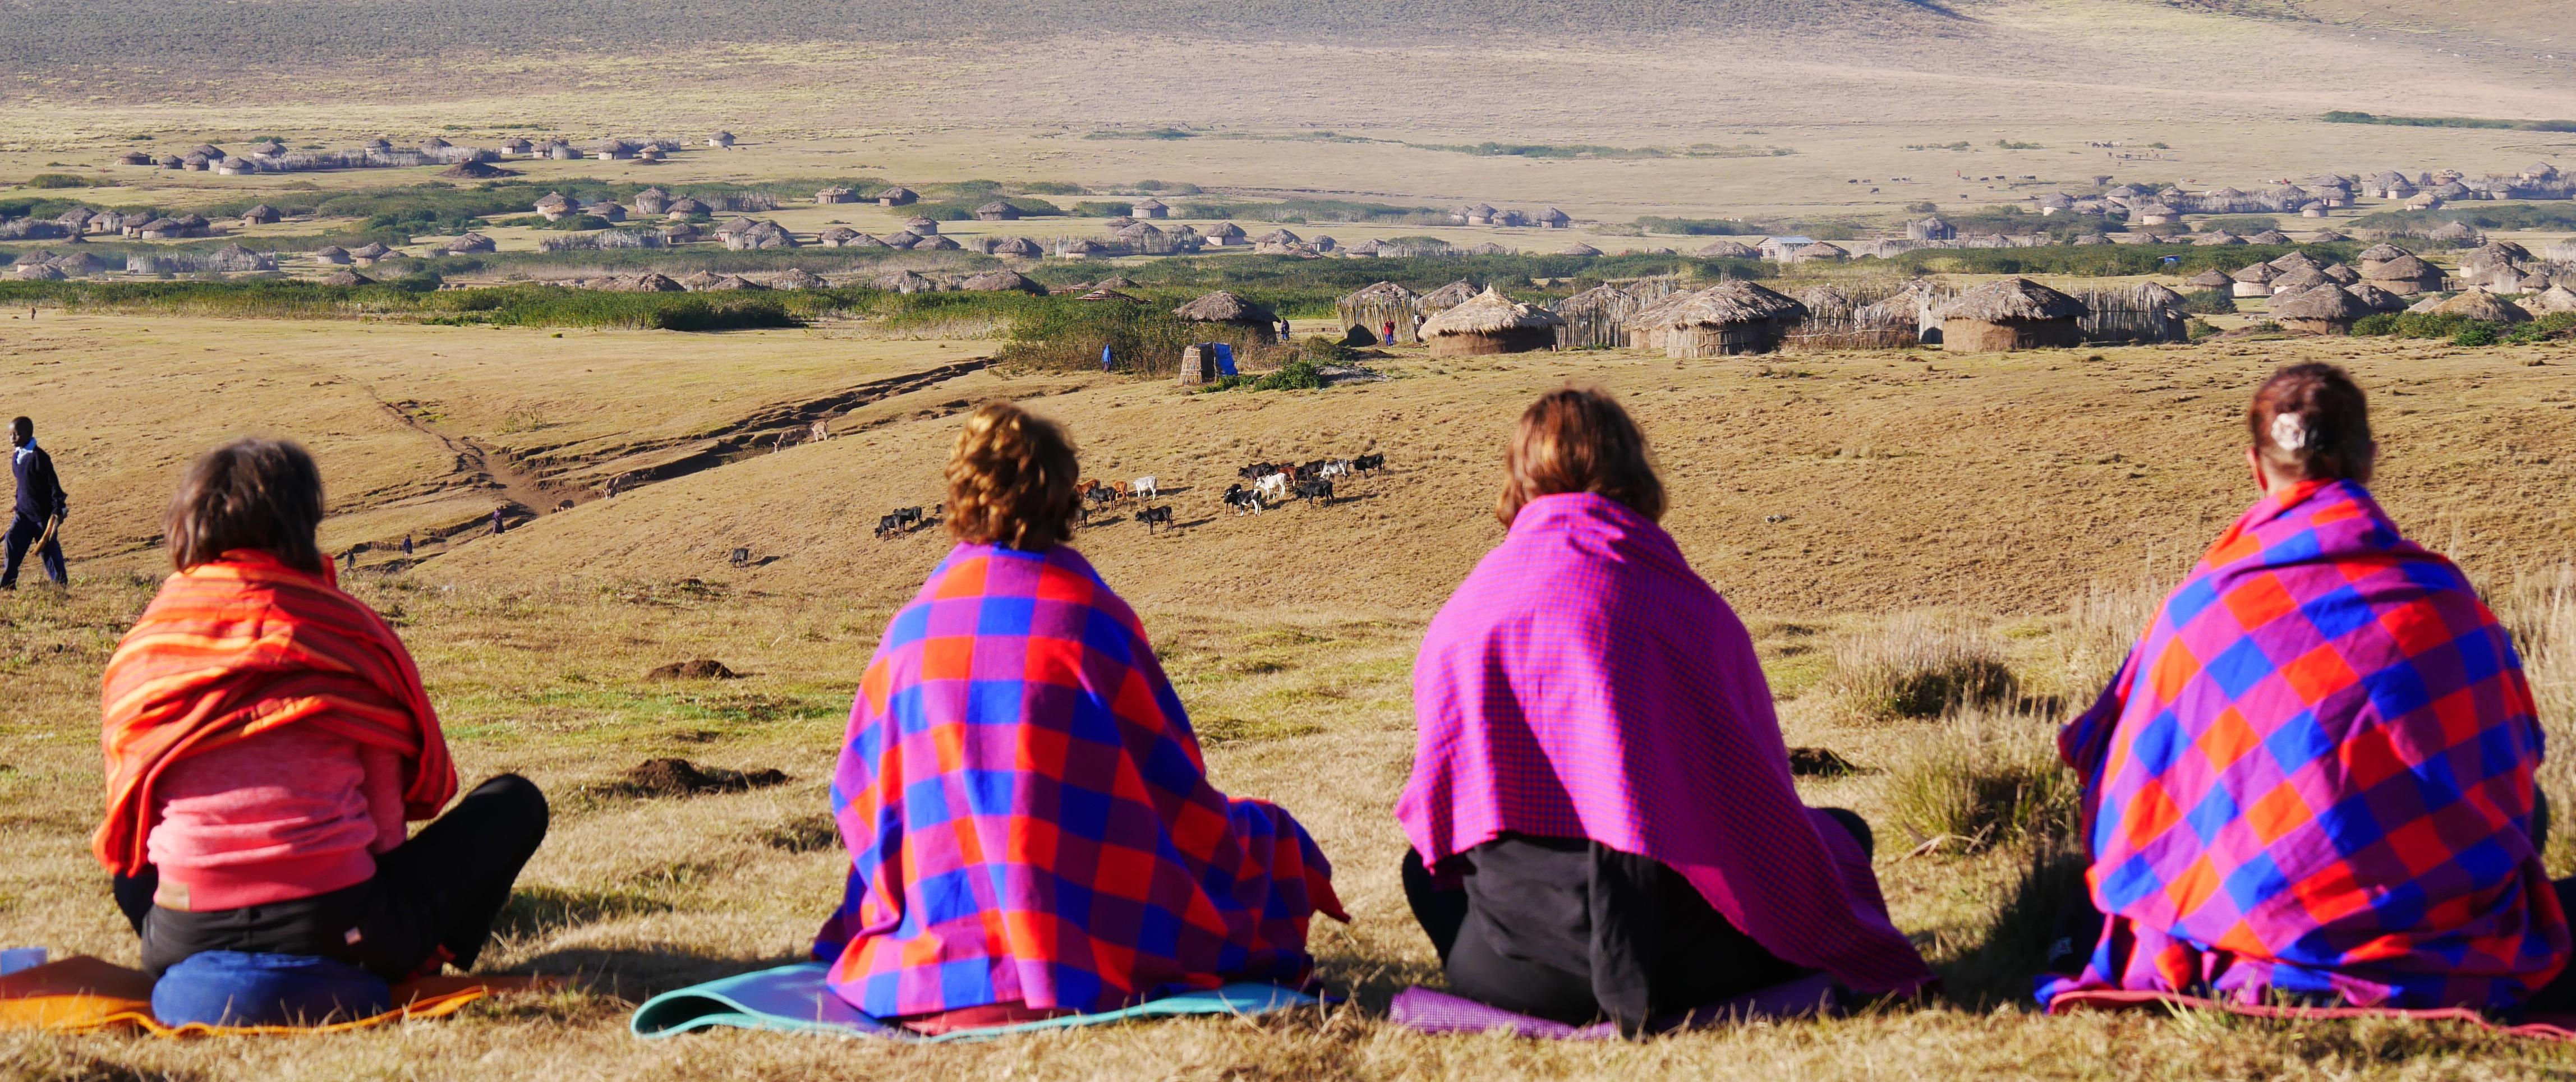 mediteren in Ngorongoro Tanzania